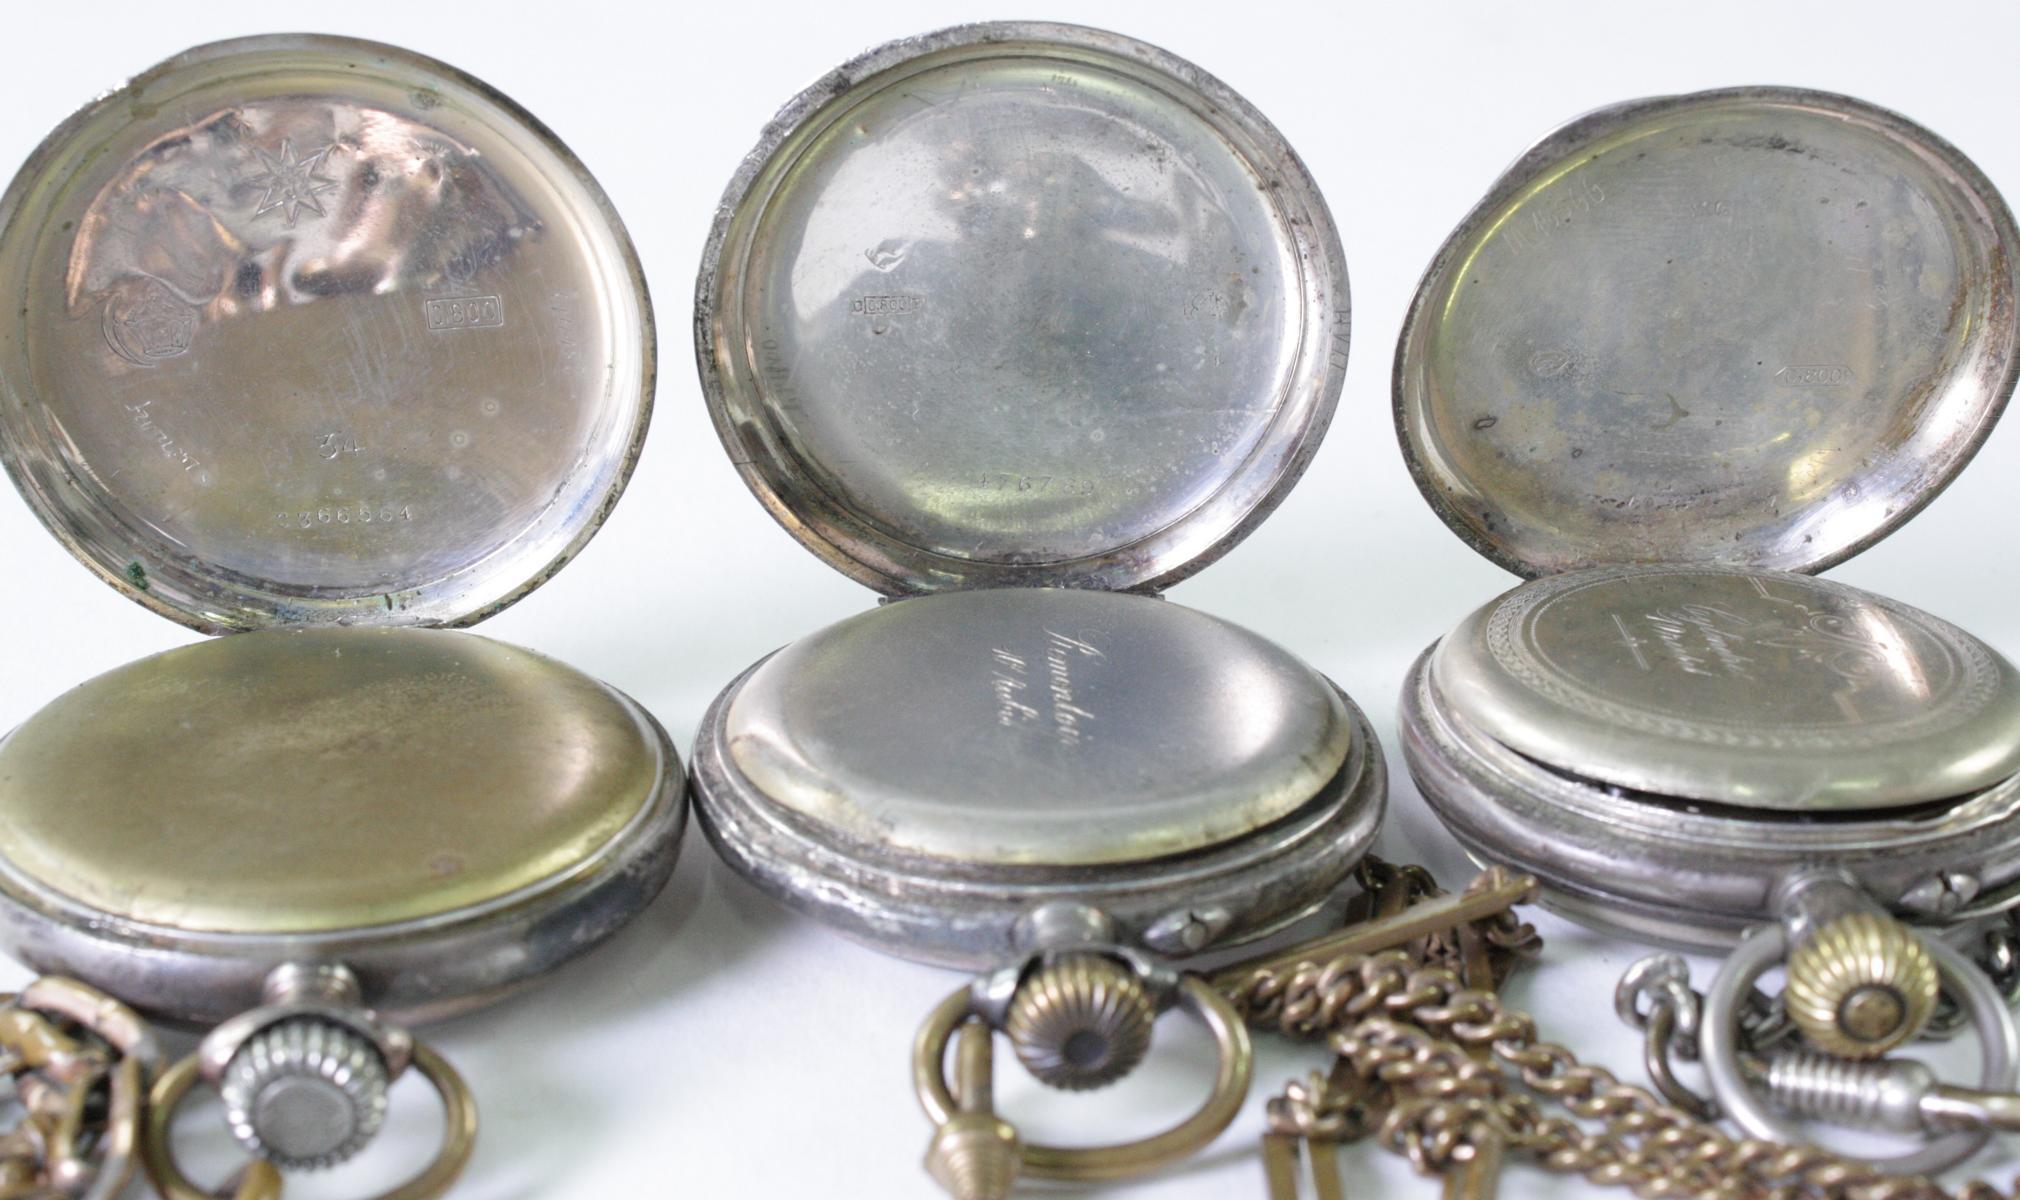 Drei antike Taschenuhren um 1900 aus Silber-5